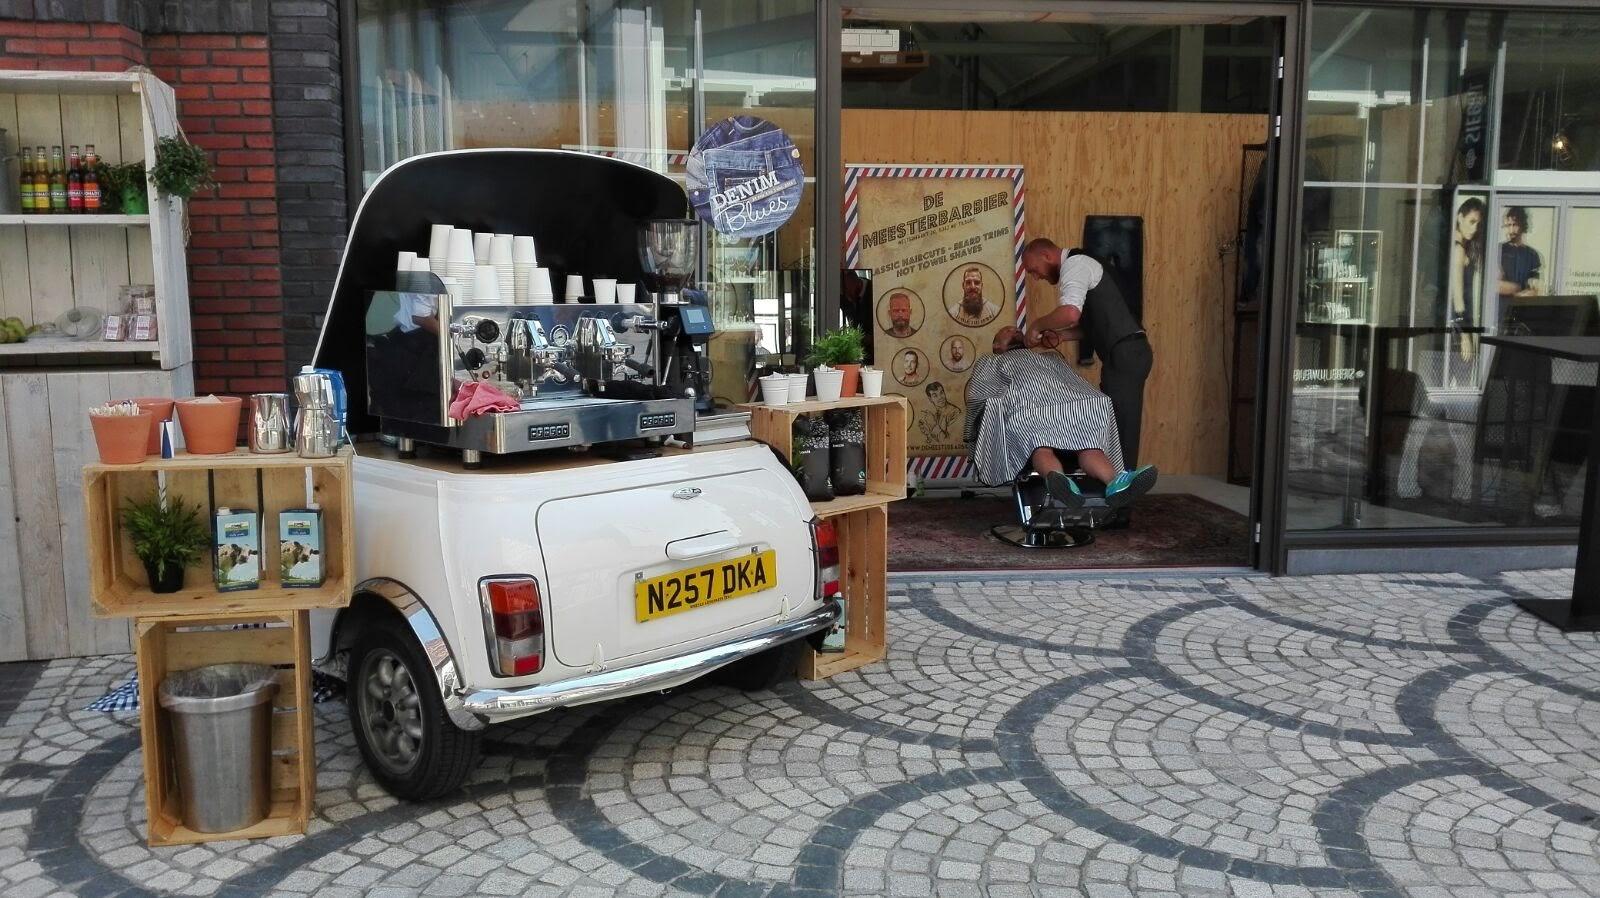 onze espresso mini bar in een winkelcentrum